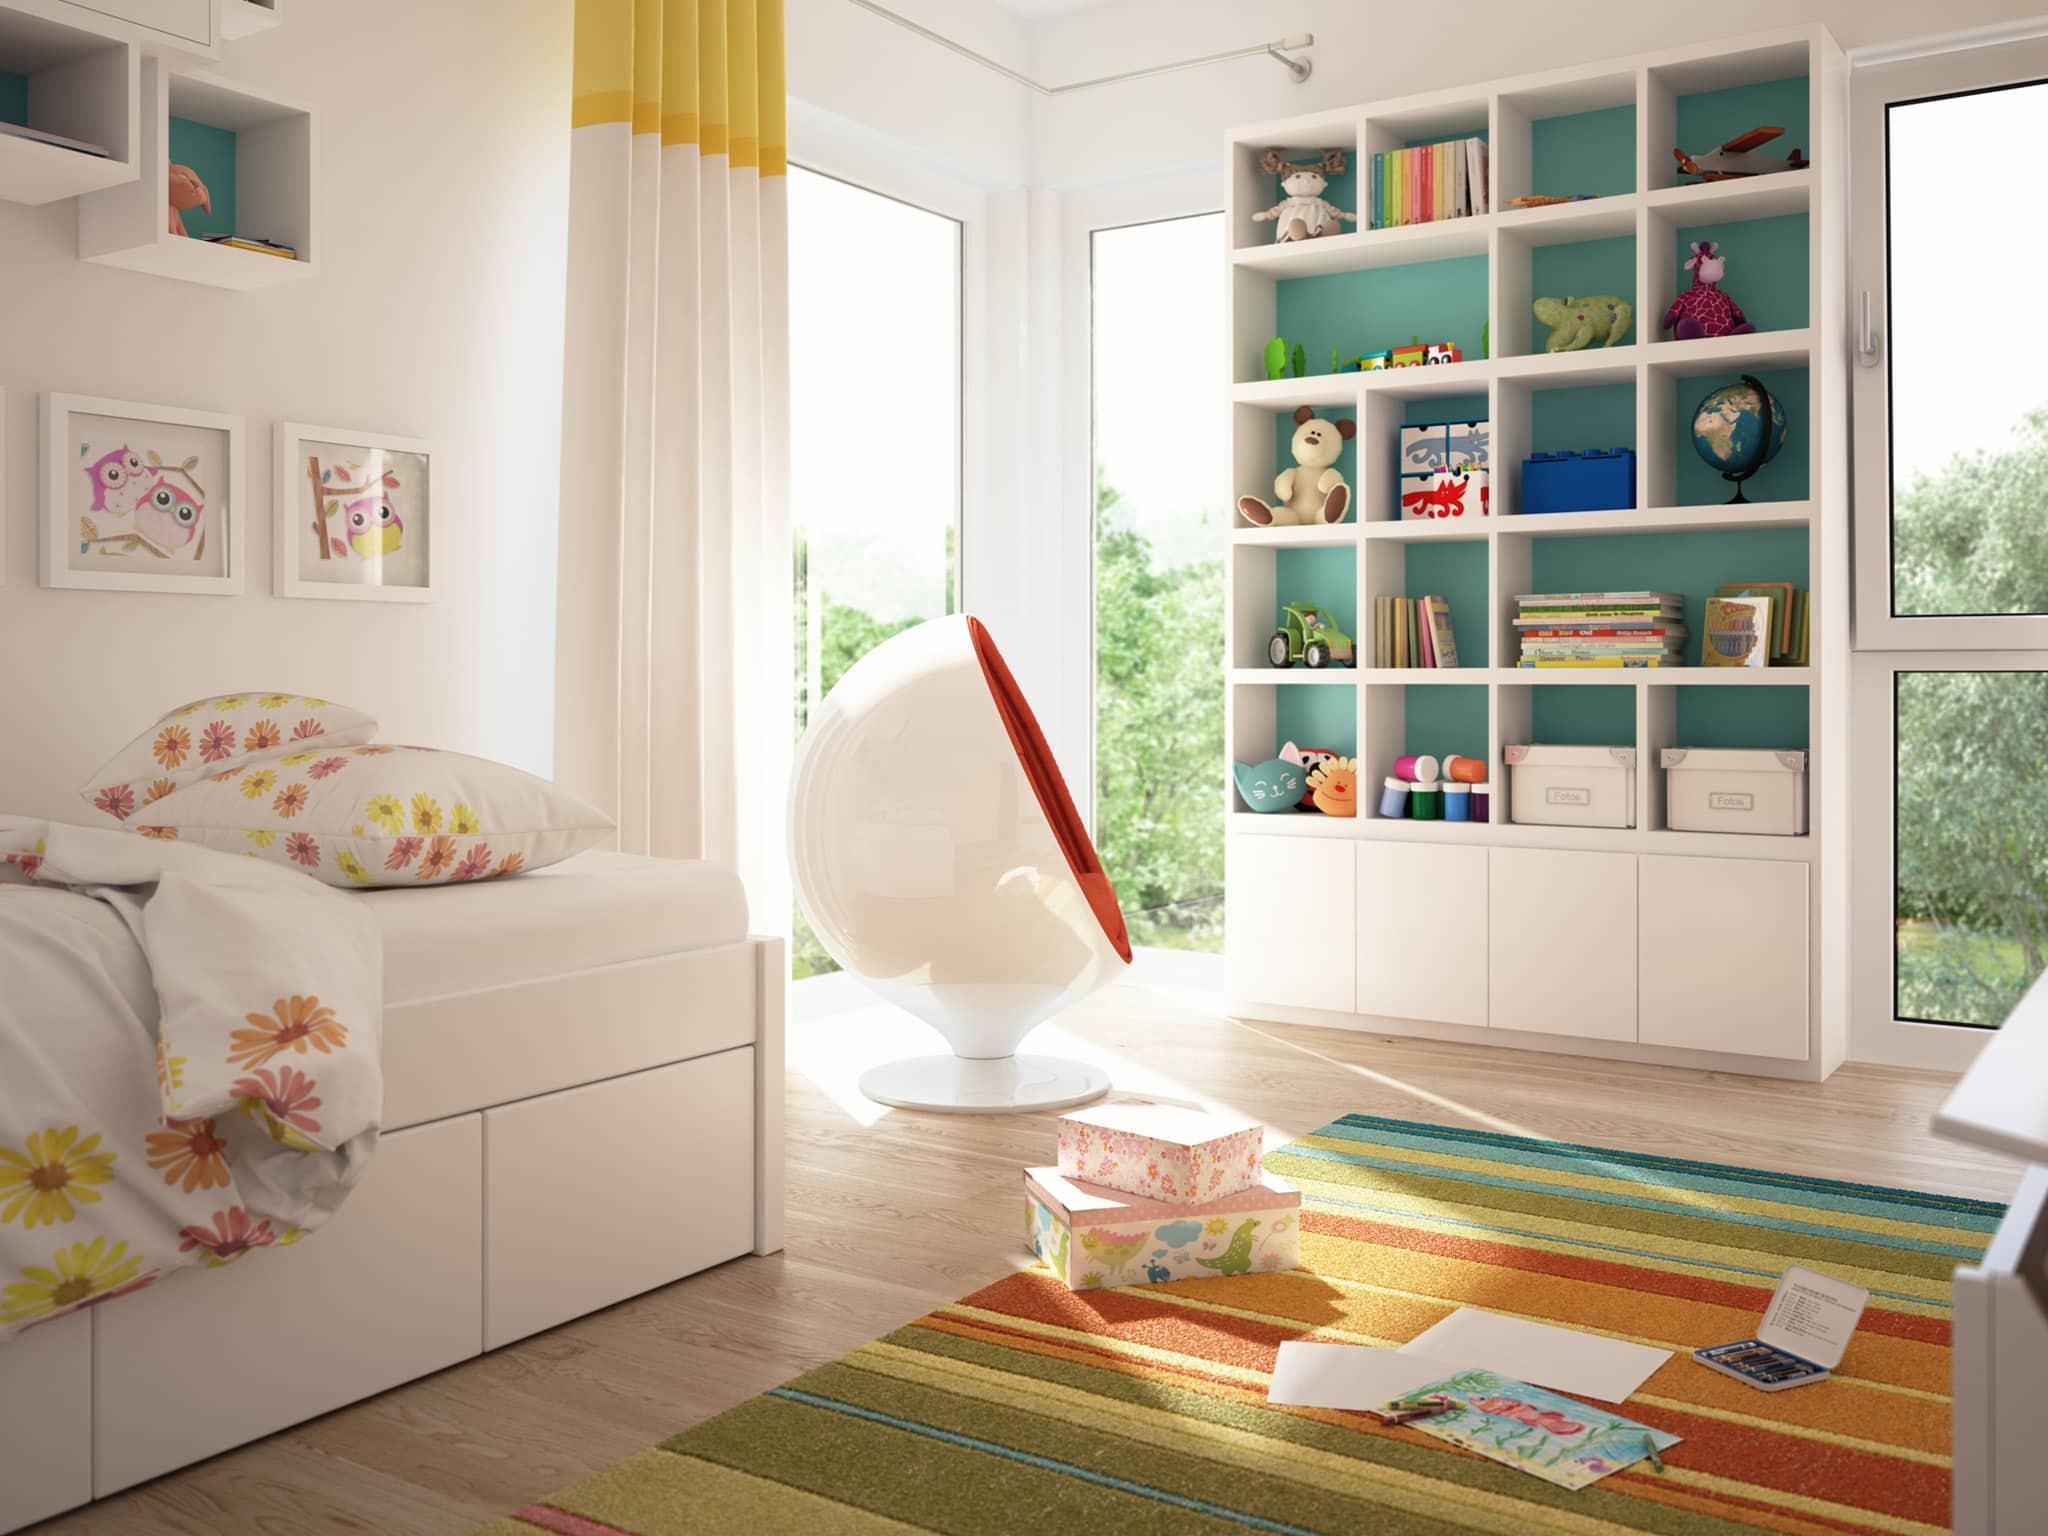 Kinderzimmer Einrichtung modern - Ideen Fertighaus Stadtvilla Living Haus SUNSHINE 126 V8 - HausbauDirekt.de